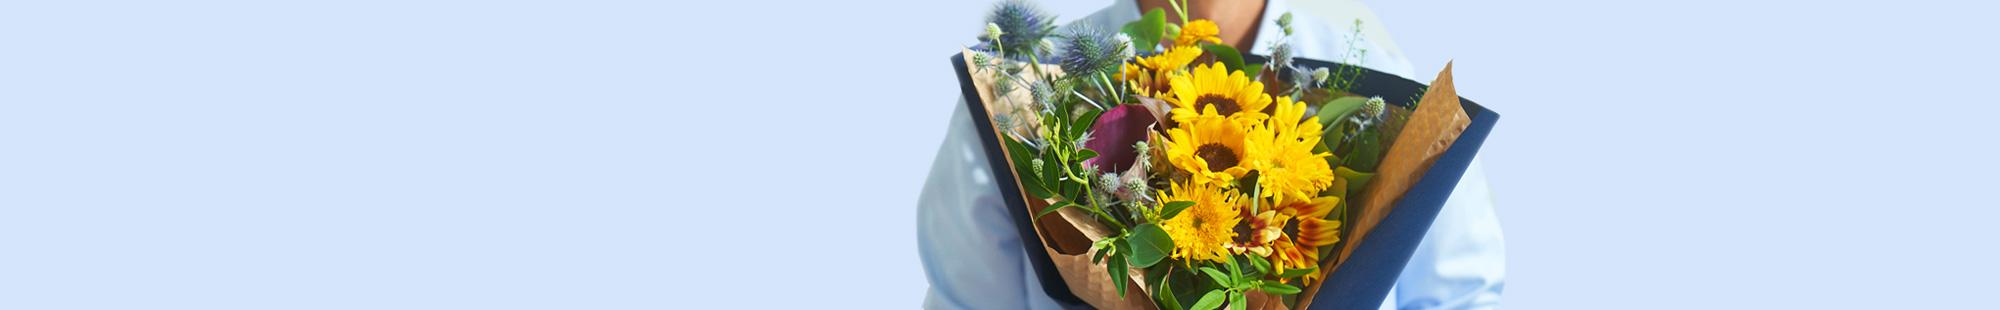 花キューピットの父の日におすすめ!人気のプレゼント特集 2019